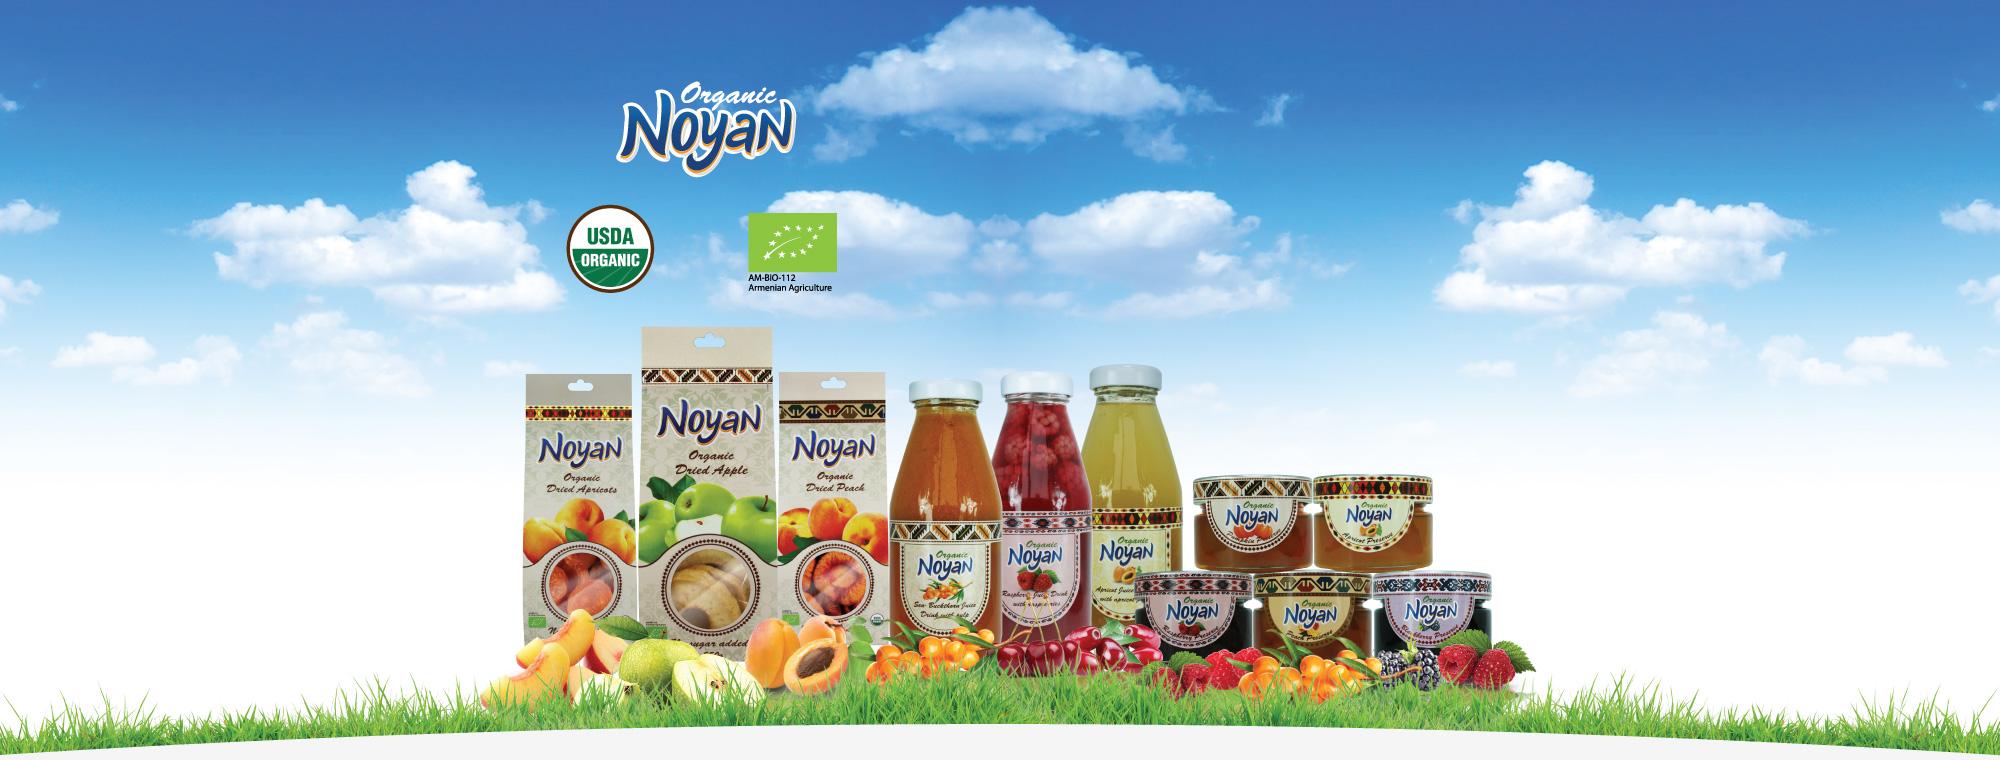 Noyan Organic